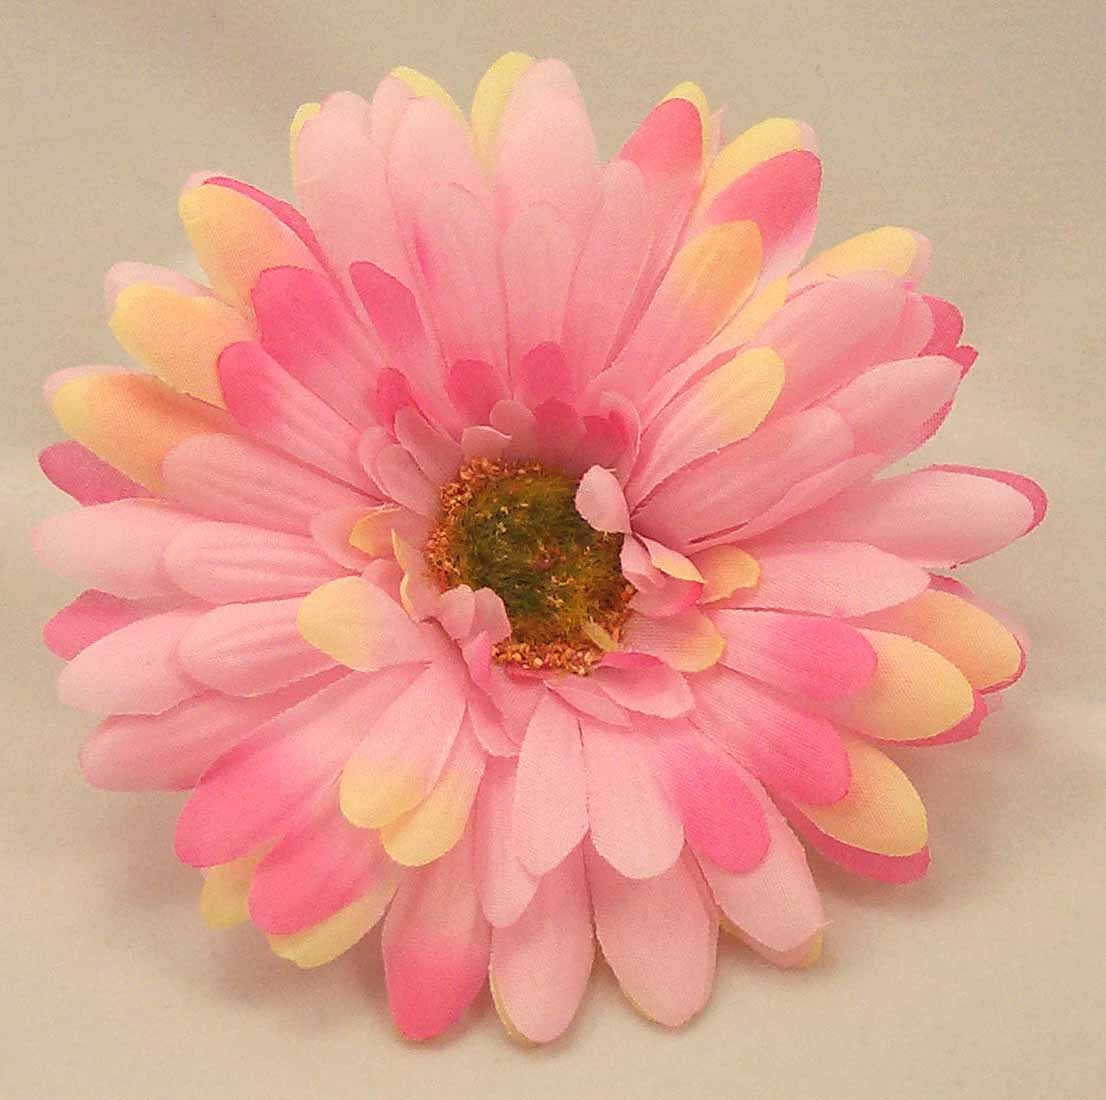 Bright Pink Gerbera Sample